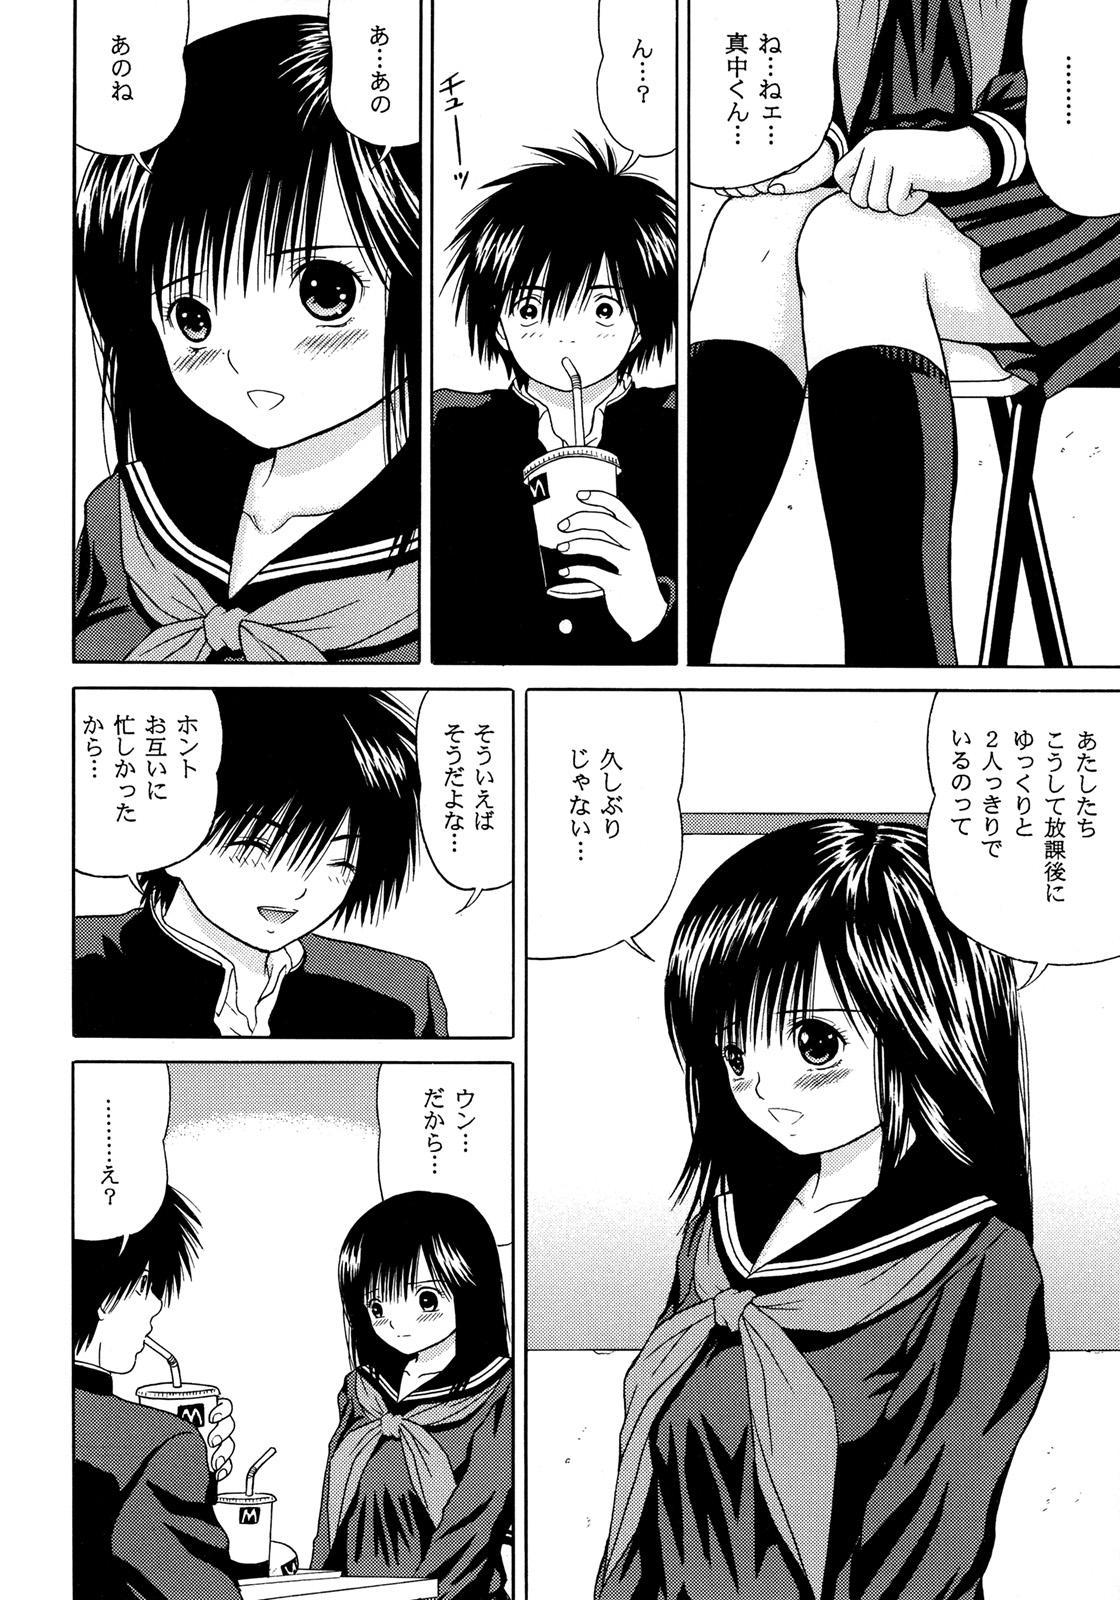 Ichigo ∞% VOL4 - Step by Step 8